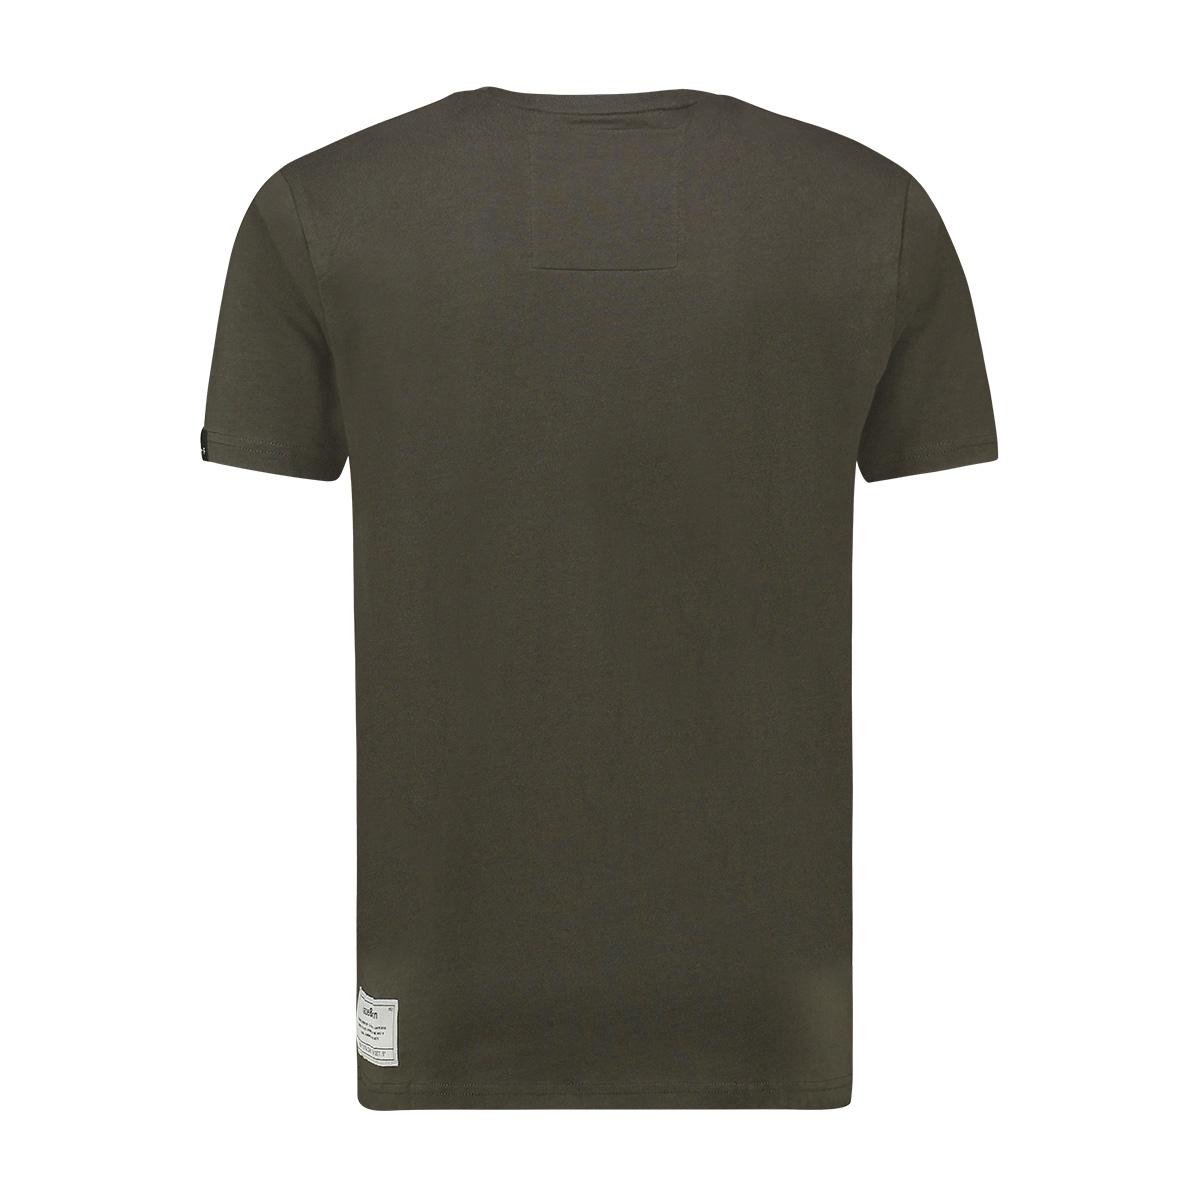 tee arctic logo ma13 0003 haze & finn t-shirt army green light blue